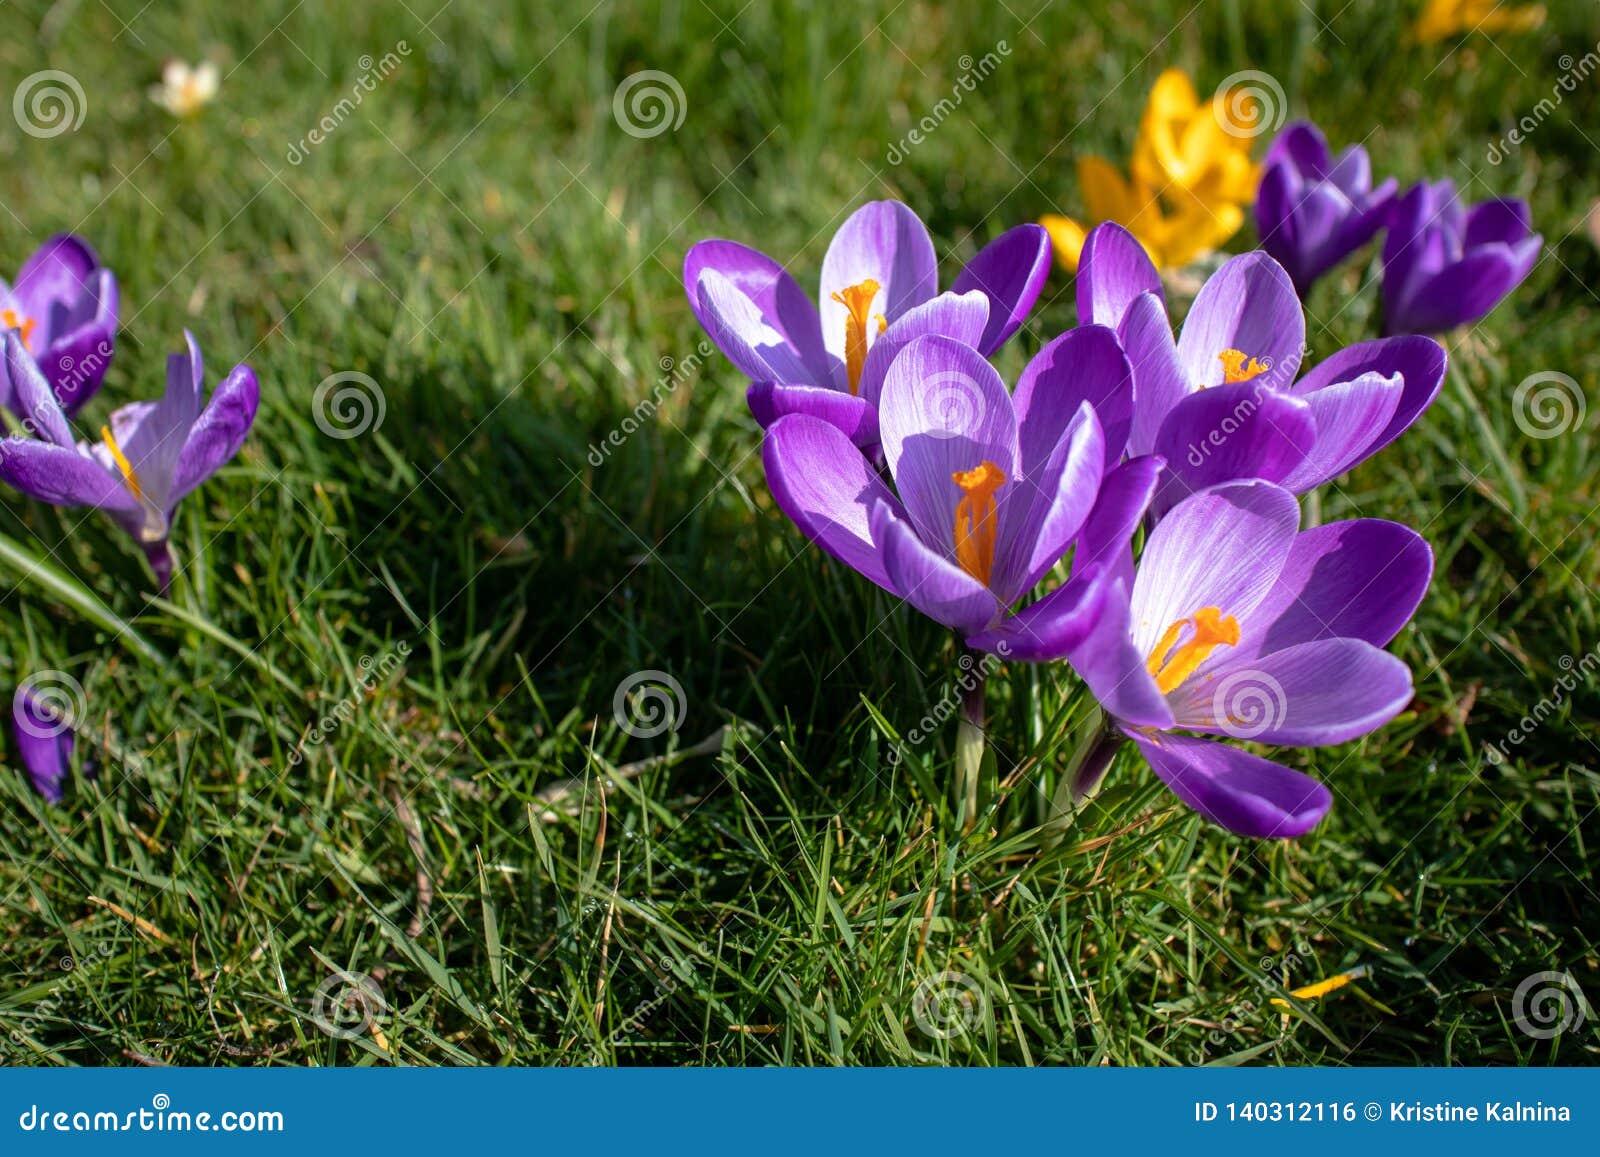 Fiori porpora e gialli del croco in fioritura ad angolo